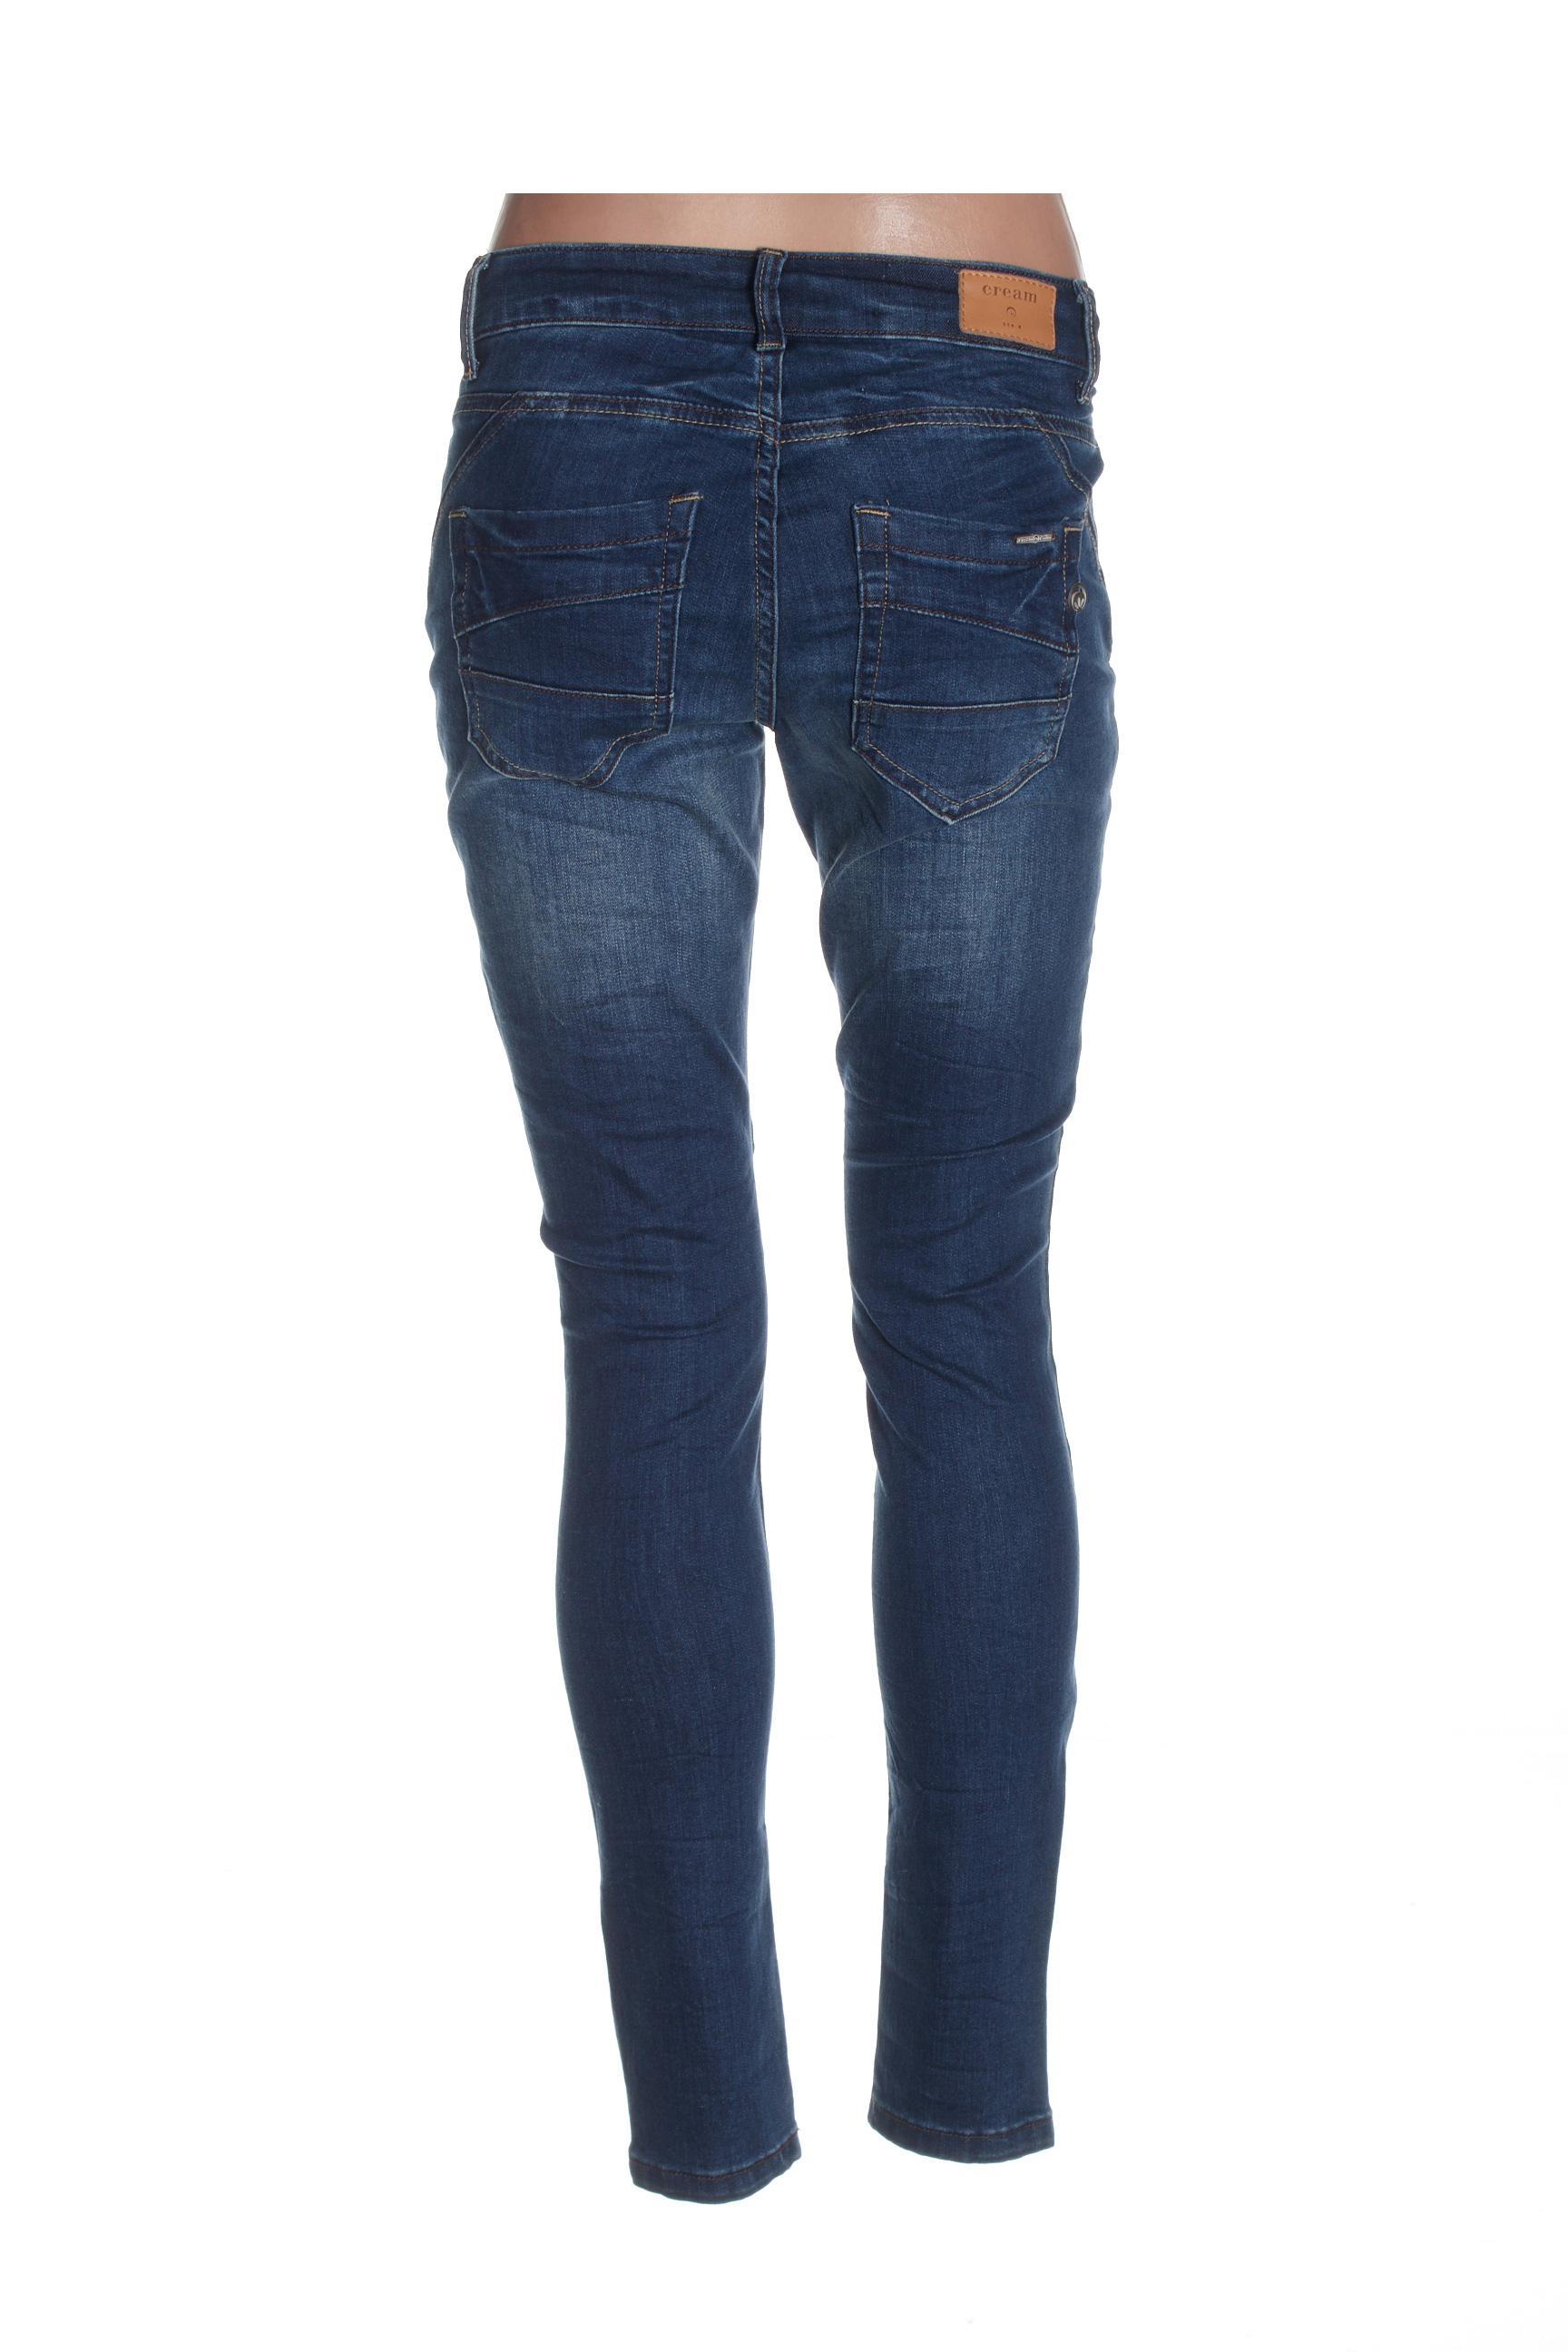 Cream Jeans Coupe Slim Femme De Couleur Bleu En Soldes Pas Cher 1433999-bleu00